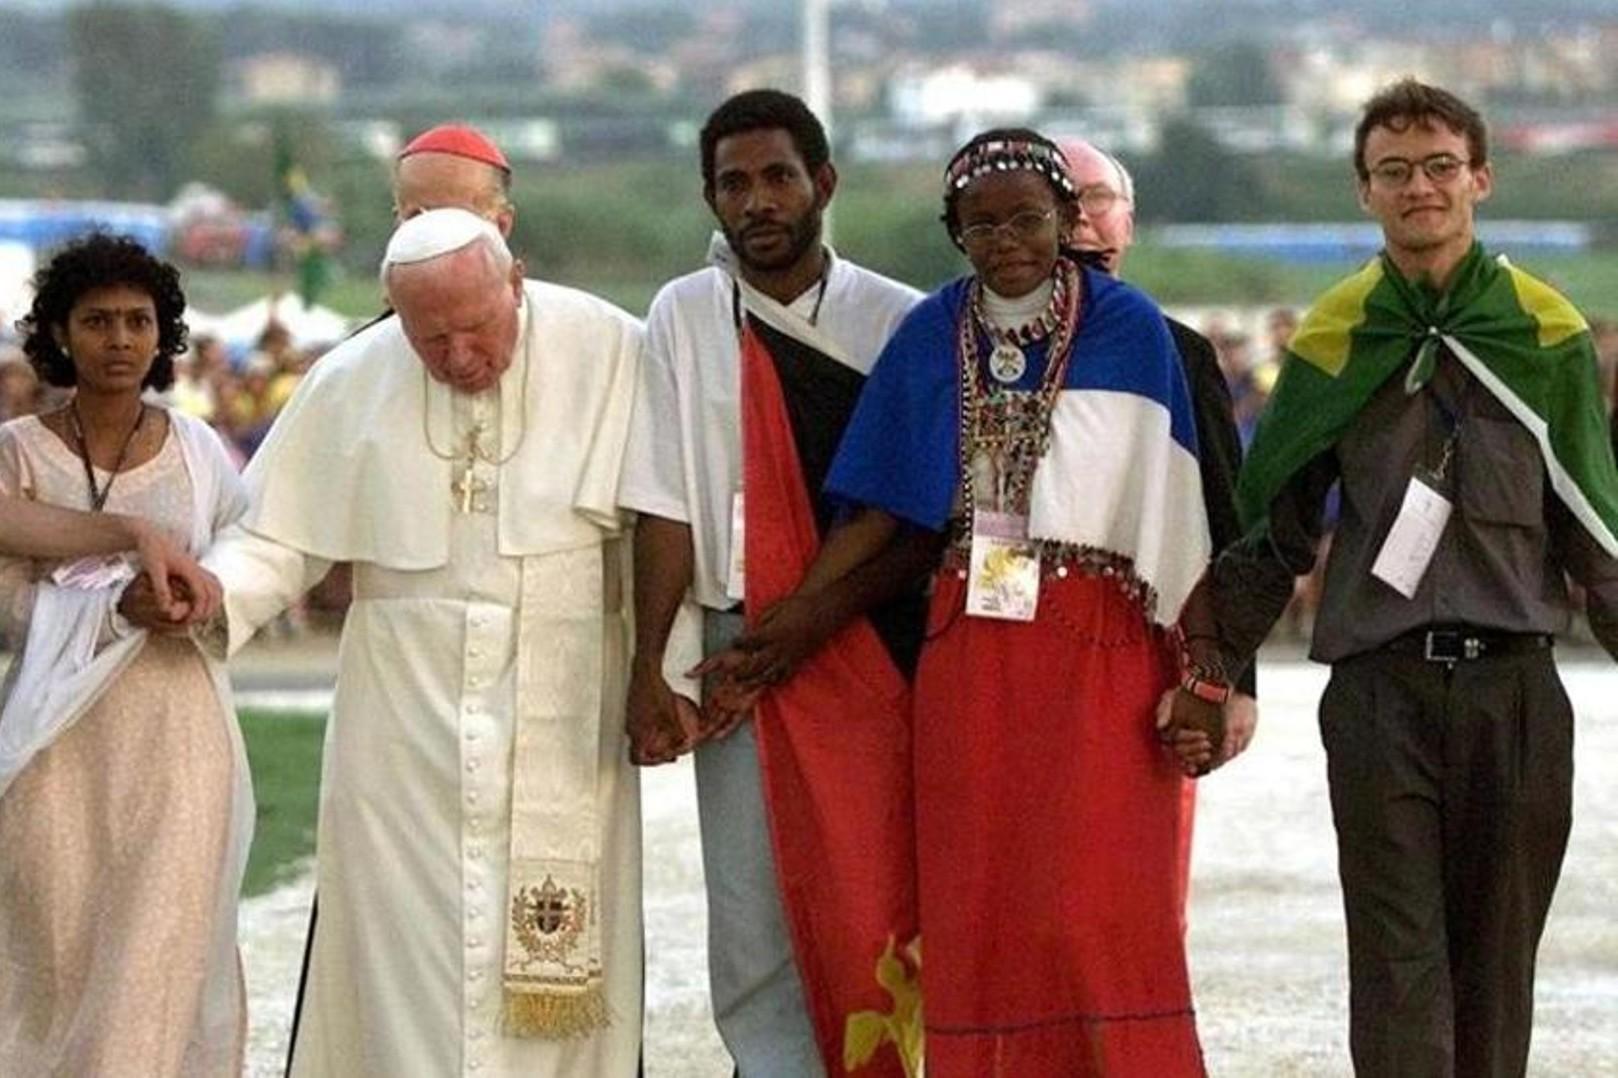 Igreja: Jornadas Mundiais da Juventude tiveram 14 edições internacionais em quatro continentes (elenco) - Agência ECCLESIA